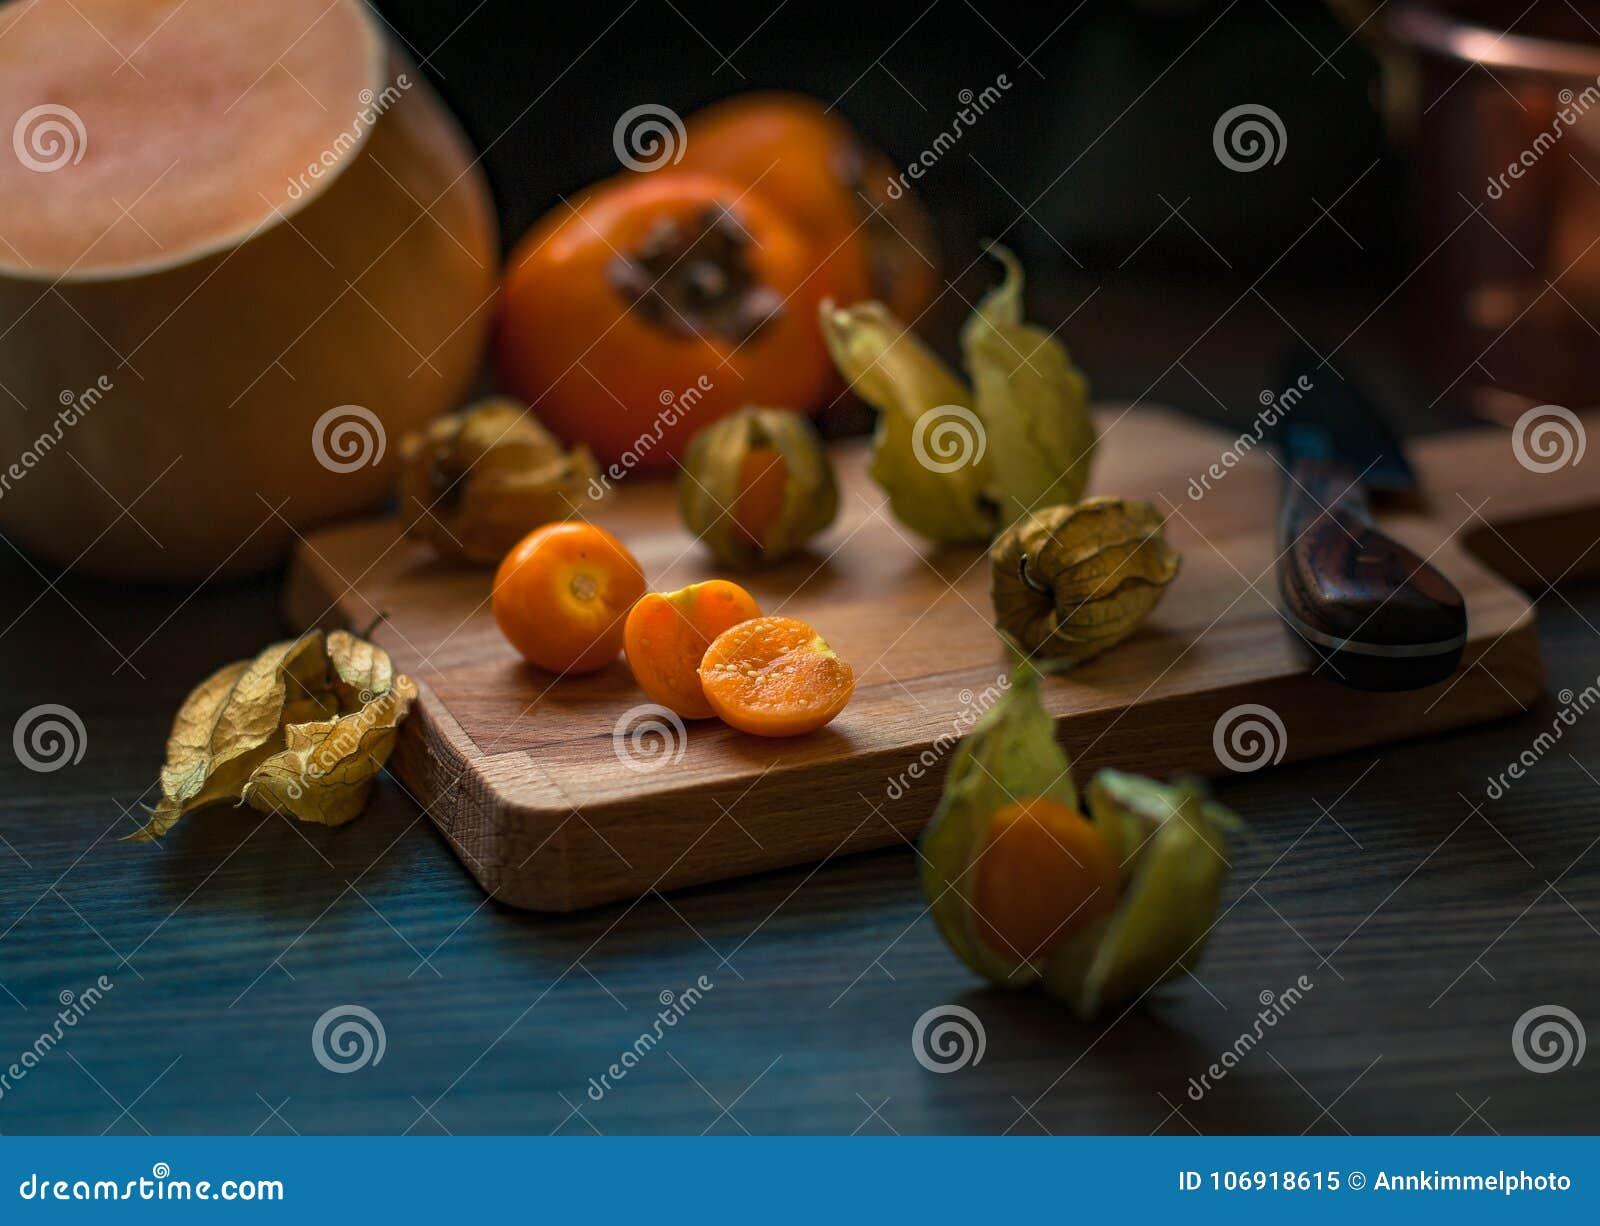 Pomarańczowa pęcherzyca z przylądkami wraz z kaki i kabaczkiem na wo